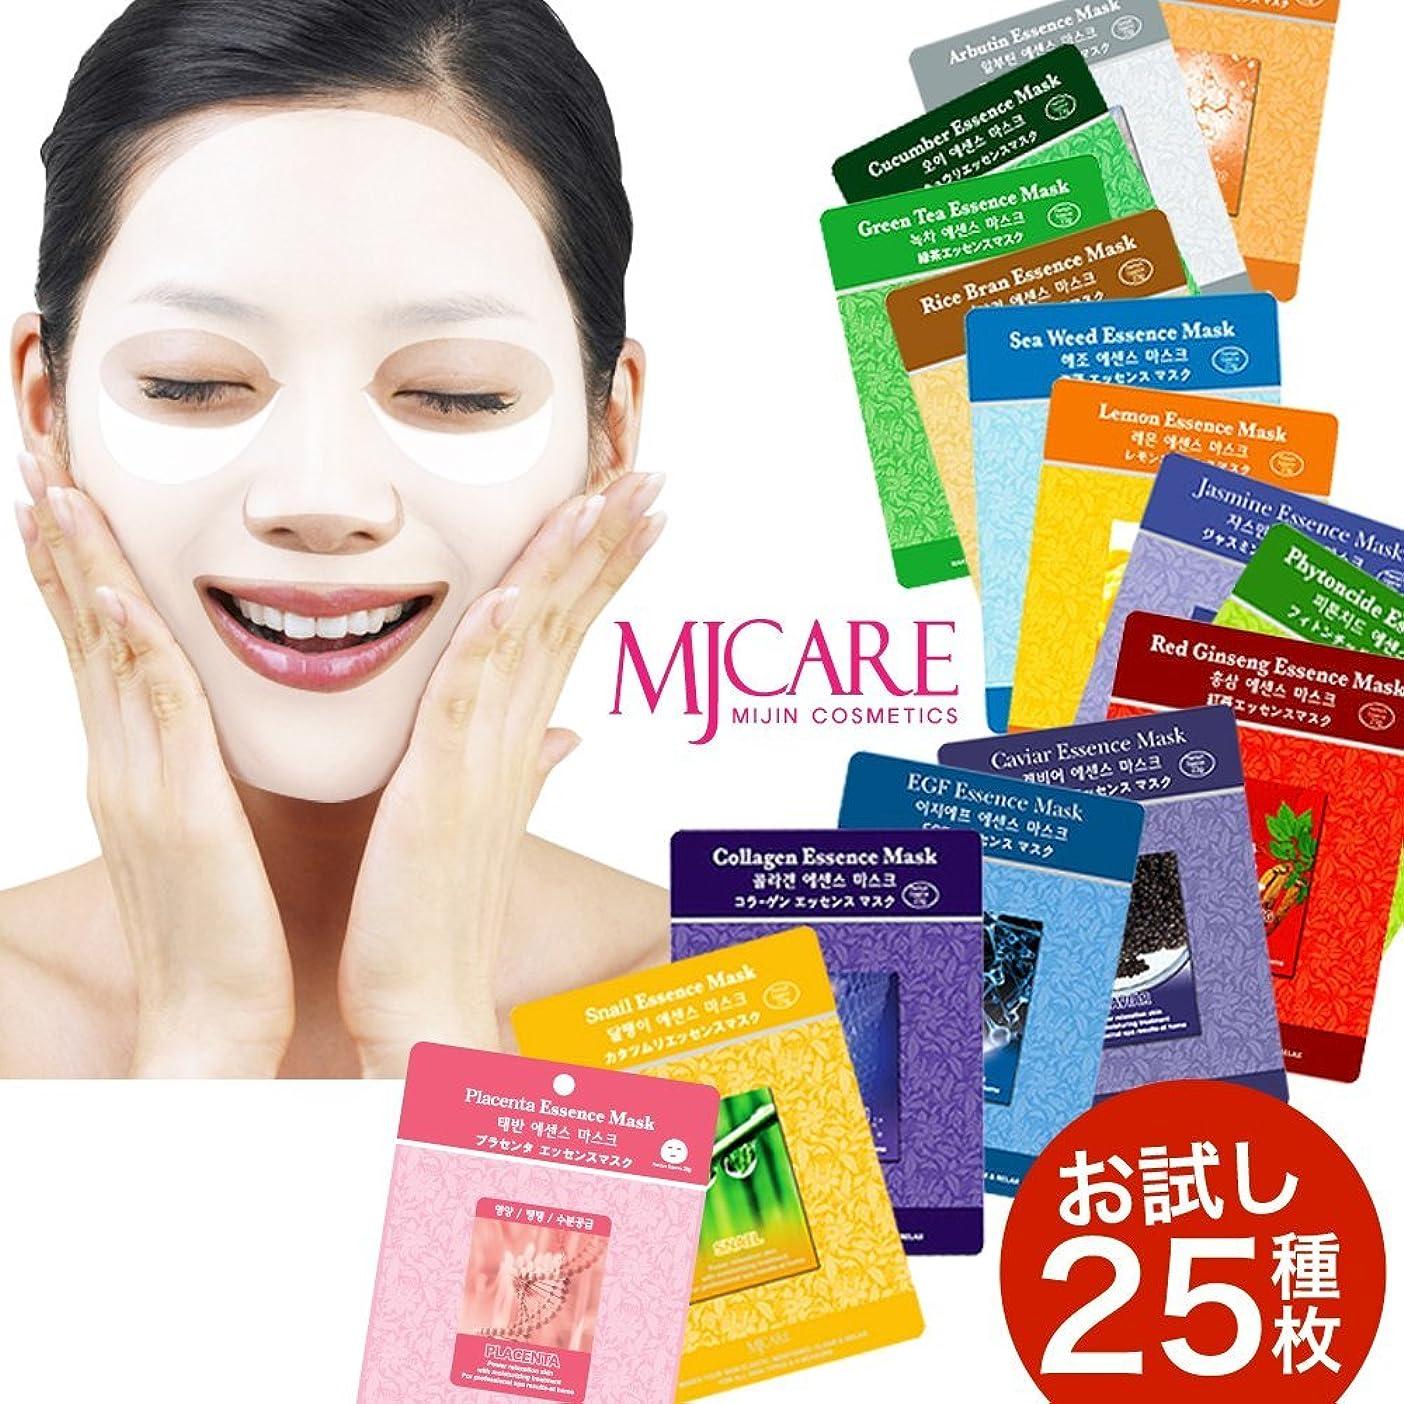 保険をかける規制する市場シートマスク フェイスパック フェイスマスク MJcare オススメ 25枚 set